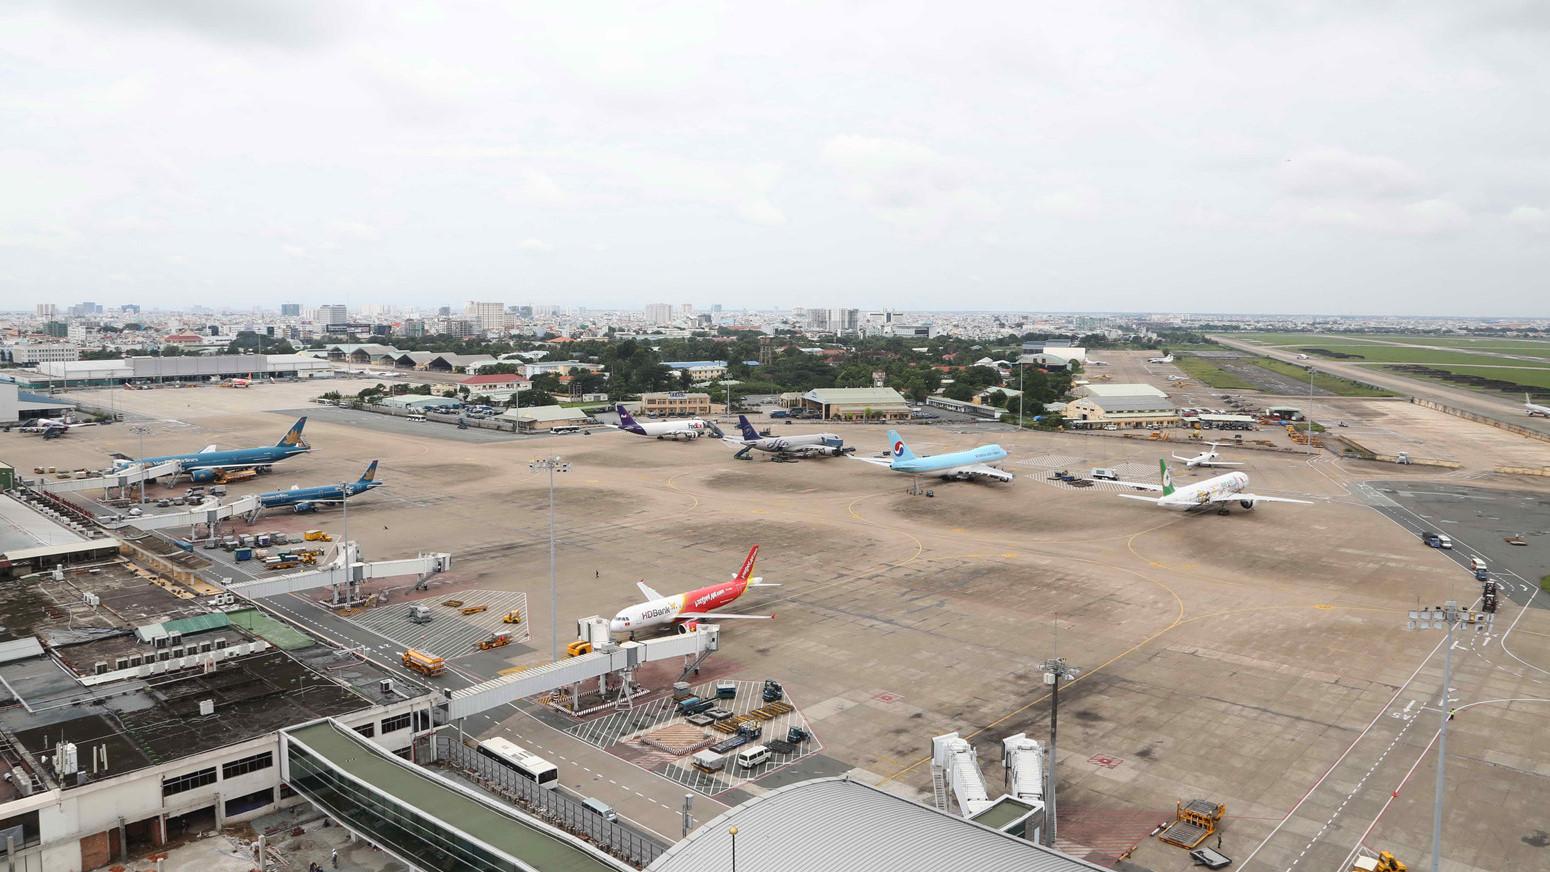 Sân bay Tân Sơn Nhất được mở rộng sẽ là động lực thúc đẩy kinh tế phát triển - Khang Điền HCM